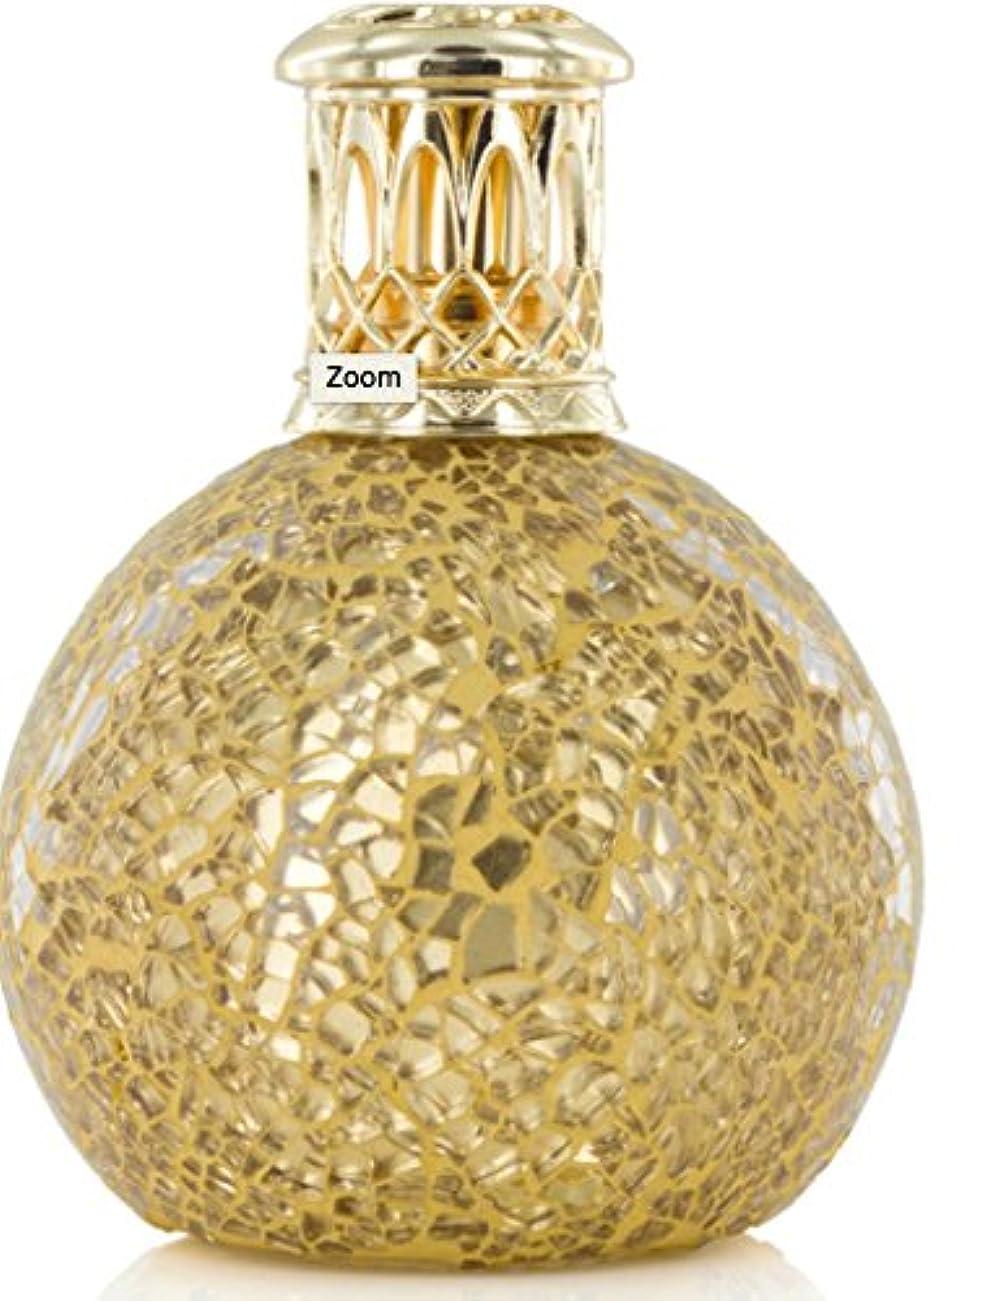 言い直すスリル縮約Ashleigh&Burwood フレグランスランプ S ゴールデンオーブ FragranceLamps sizeS GoldenOrb アシュレイ&バーウッド